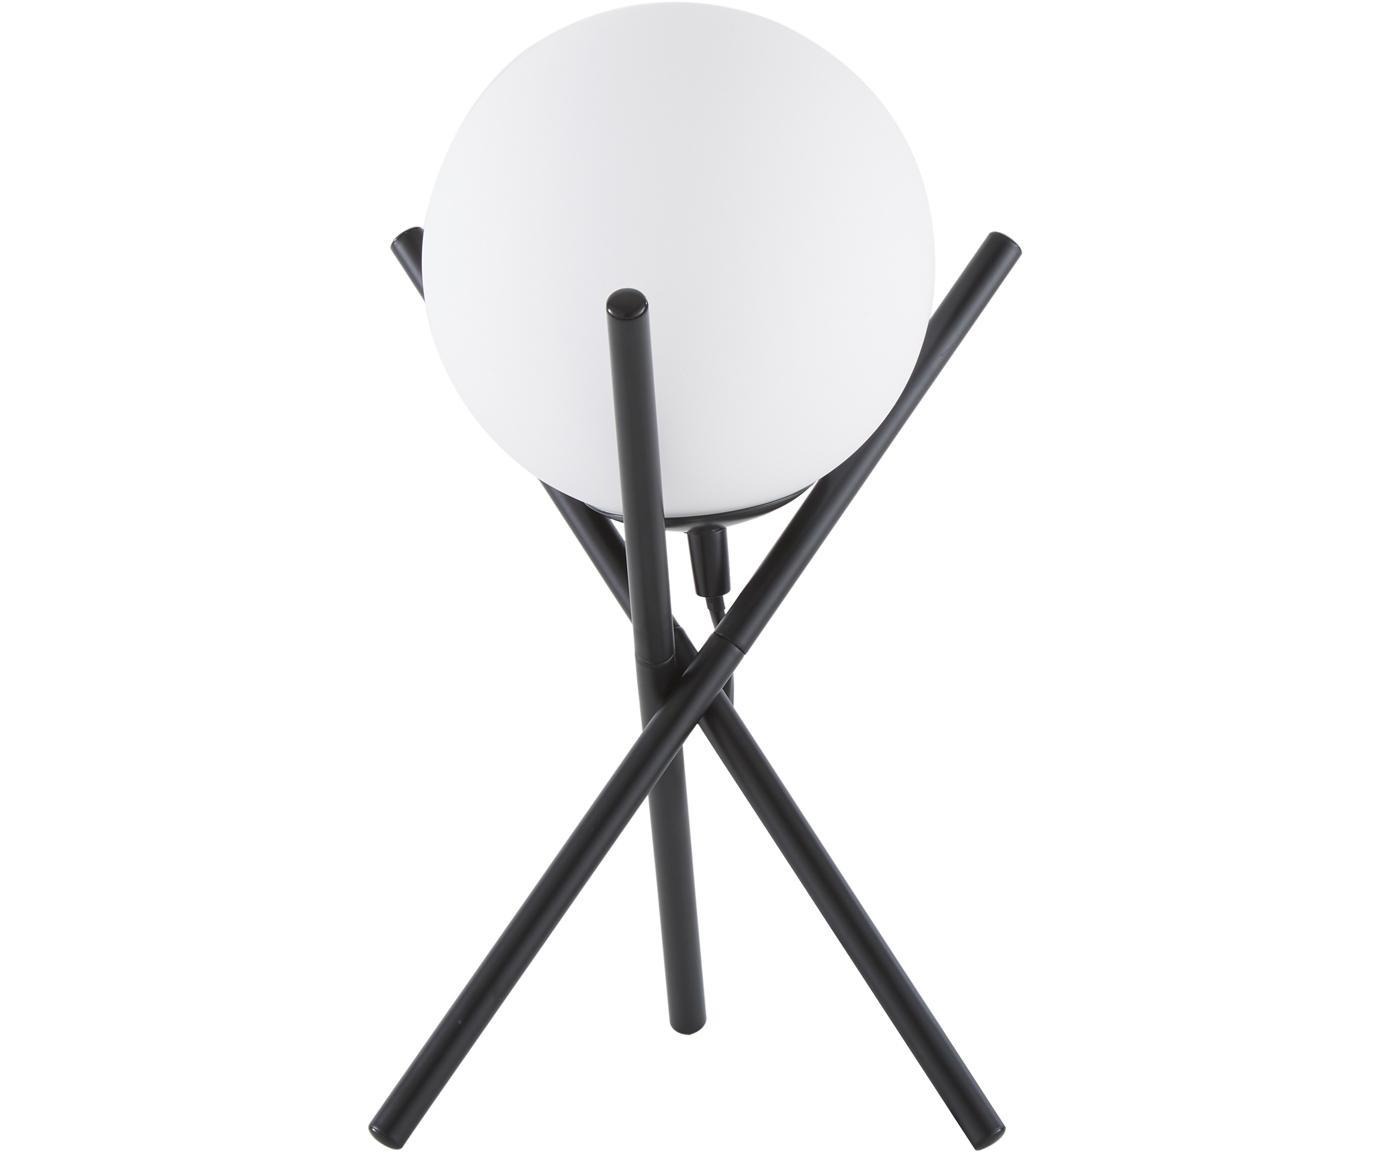 Lampa stołowa Erik, Biały, czarny, Ø 15 x W 33 cm